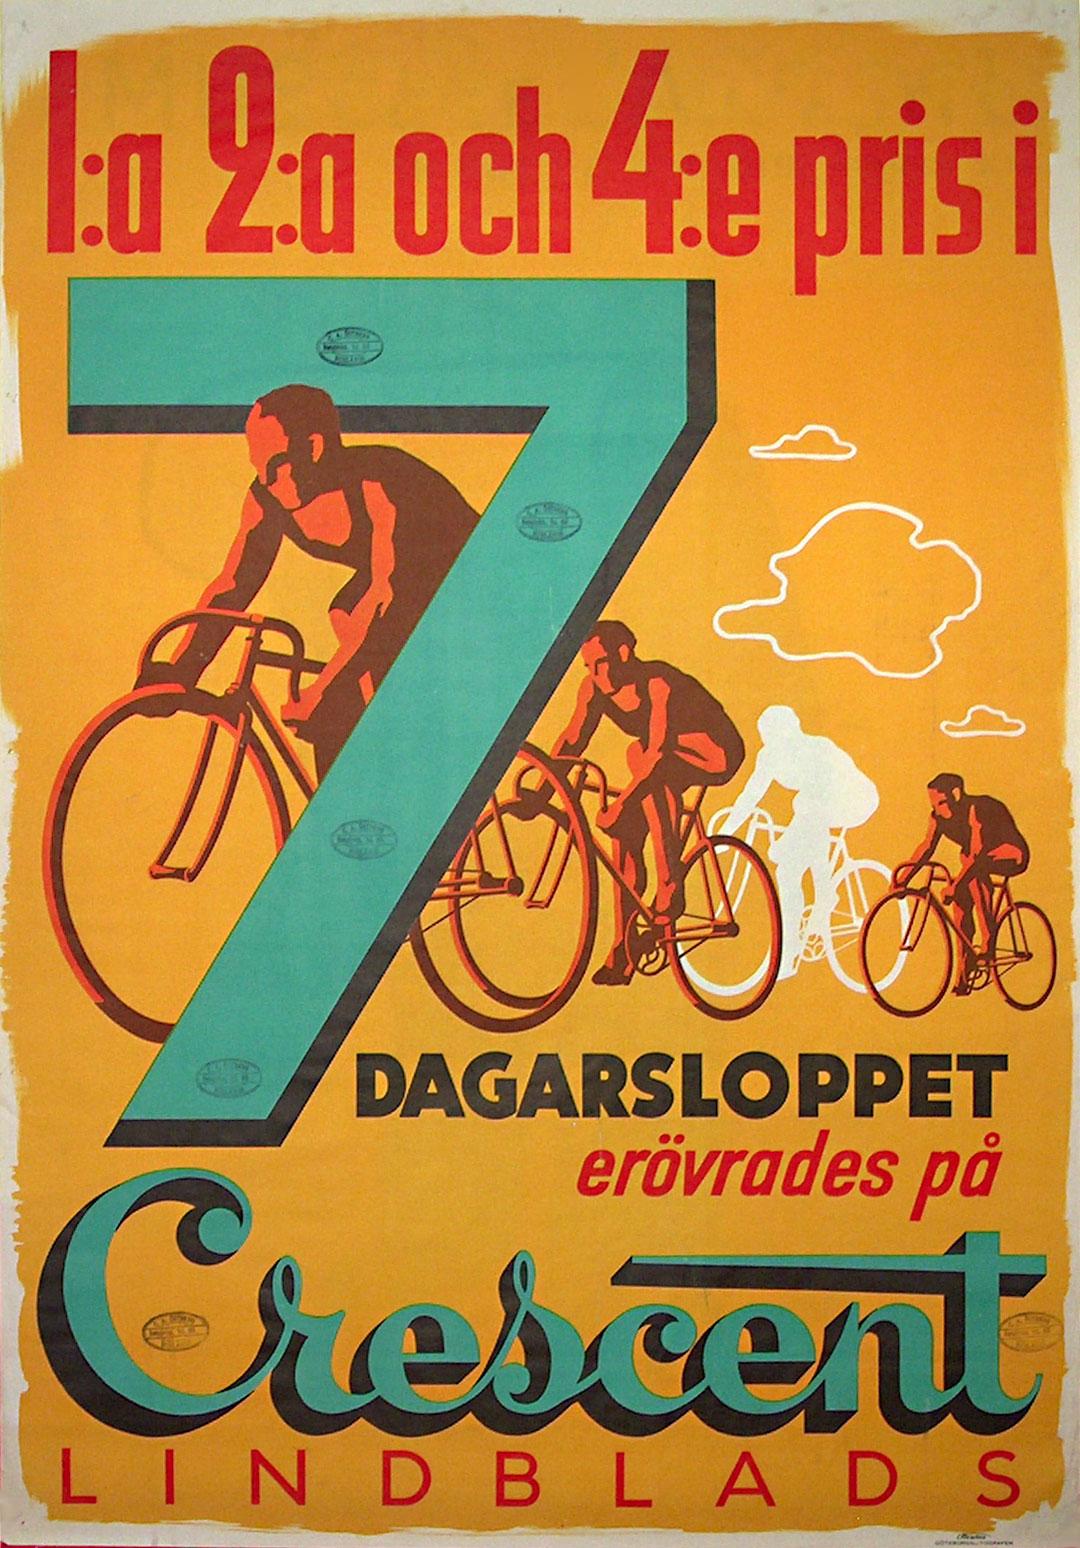 Original Vintage Poster Crescent Lindblads Bicycle Poster For Sale At Posterteam Com